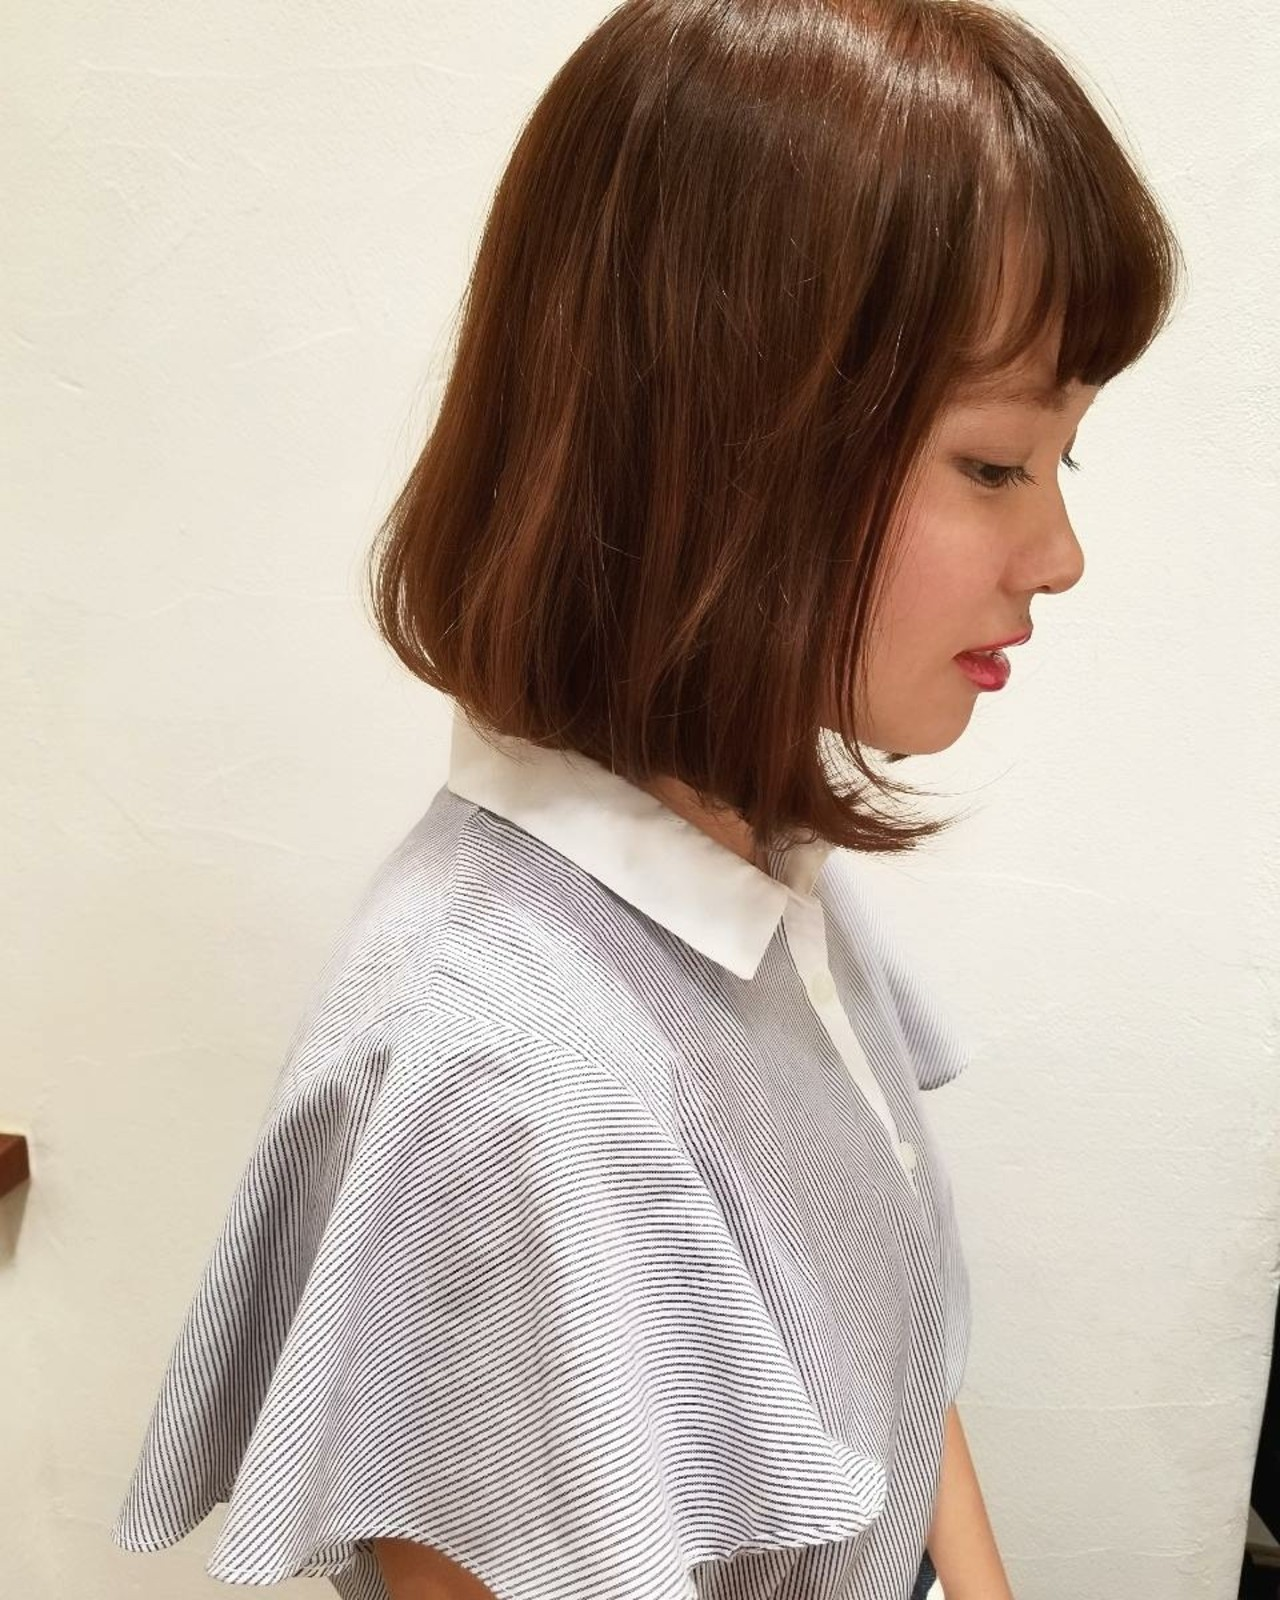 透明感 かわいい リラックス オフィス ヘアスタイルや髪型の写真・画像